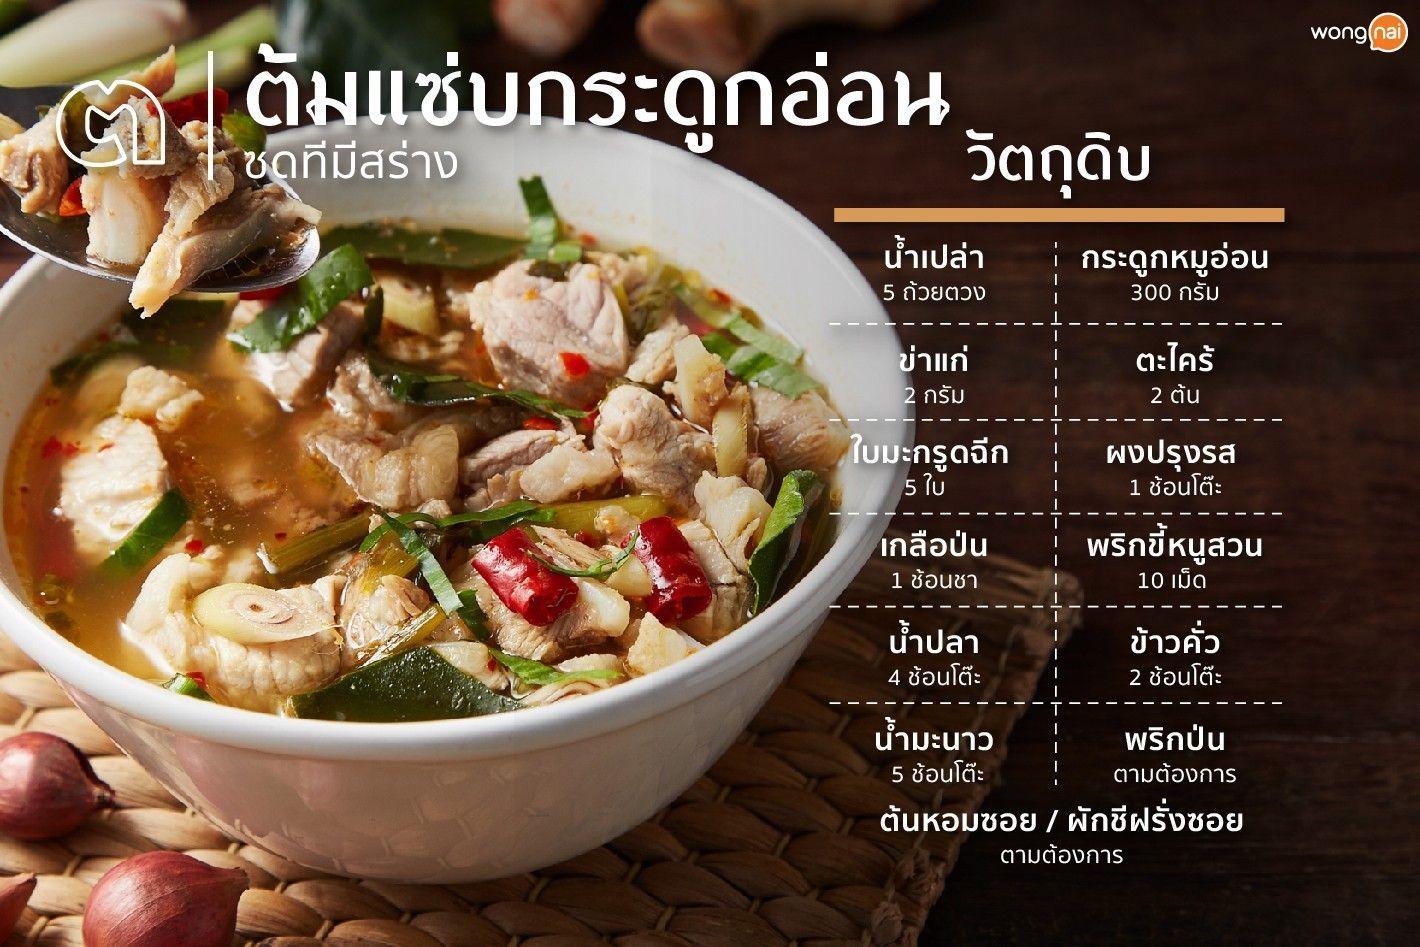 7 ส ตรเมน ก บแกล มแซ บ เตร ยมต งวง ฟ นข ามป Wongnai ส ตรไก ย าง การทำอาหาร ส ตรอาหารทะเล